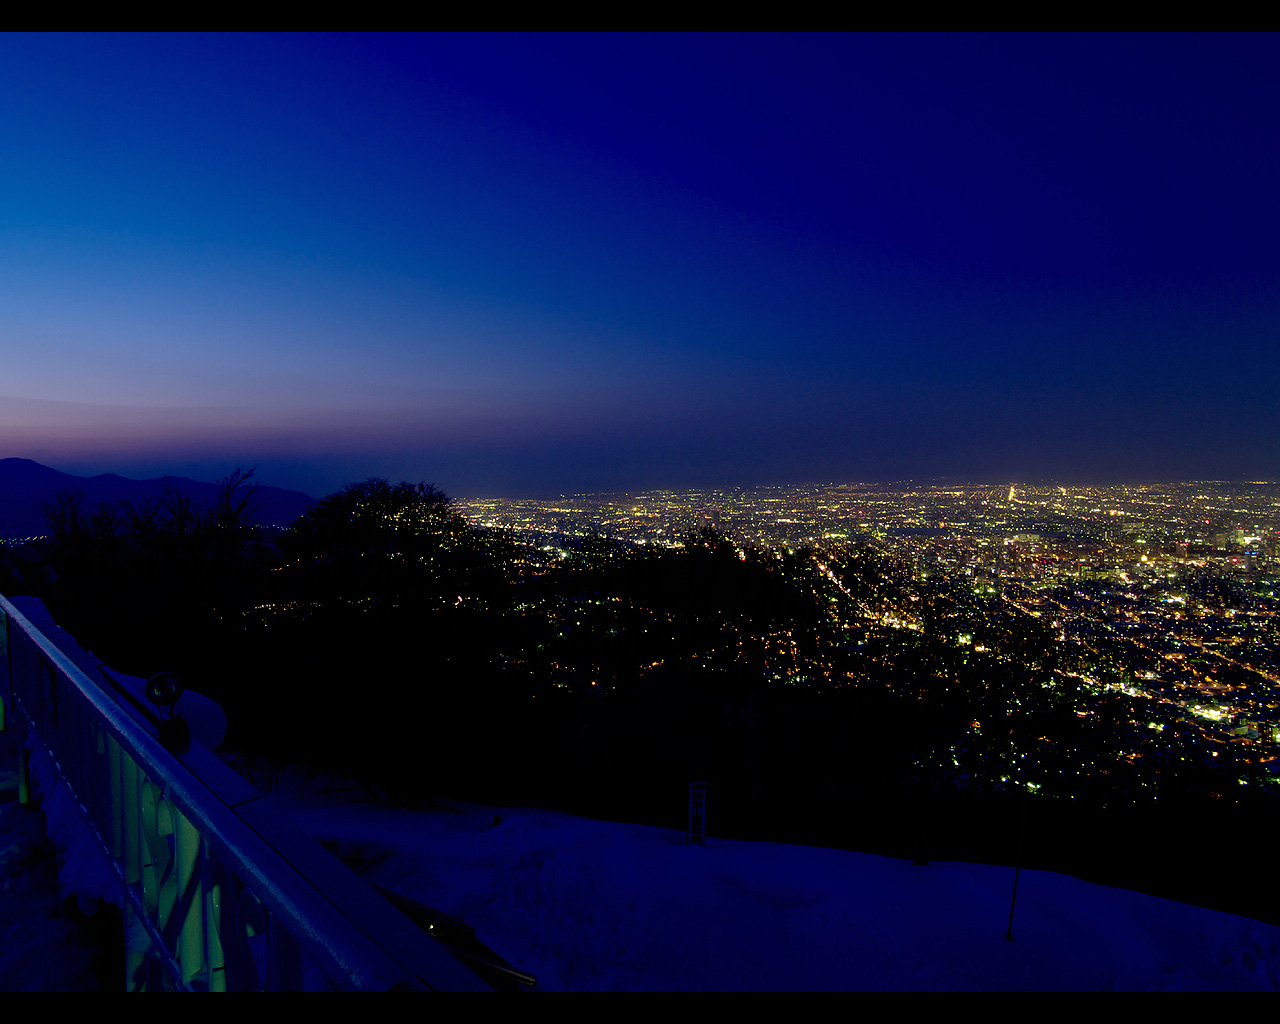 藻岩山展望台からの夜景 藻岩山展望台からの夜景 藻岩山展望台からの夜景 藻岩山展望台からの夜景